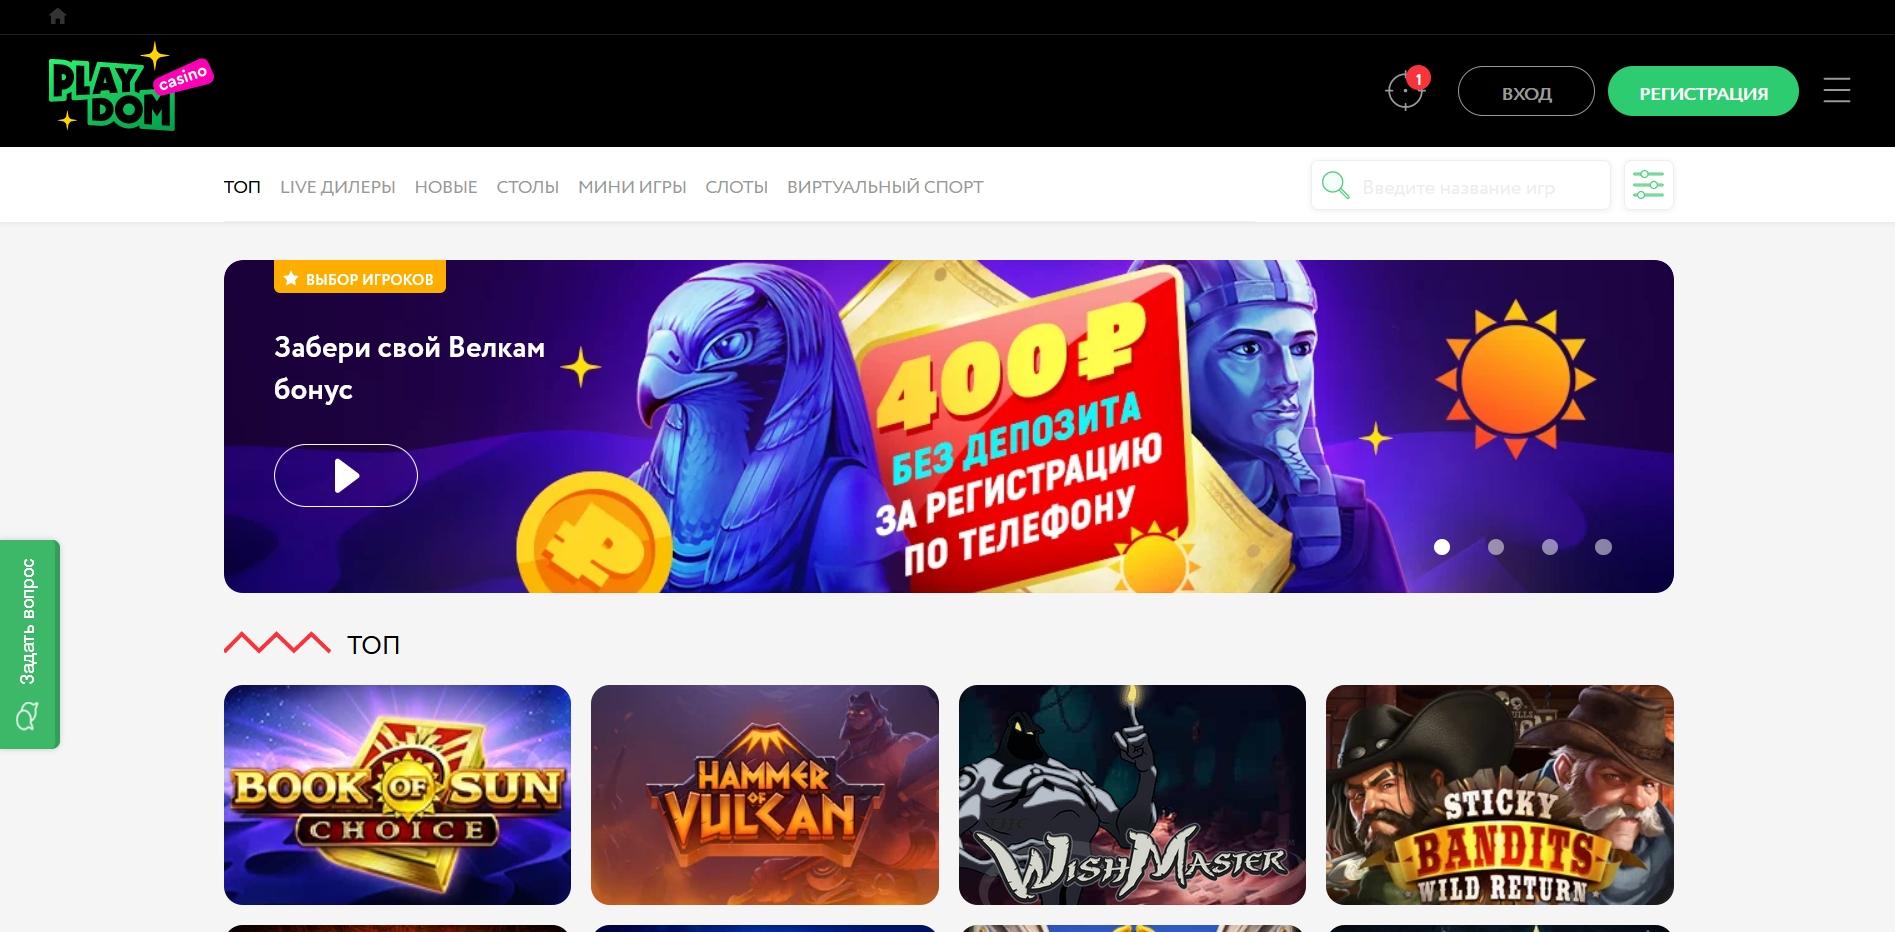 Обзор казино Playdom — как играть и скачать клиент